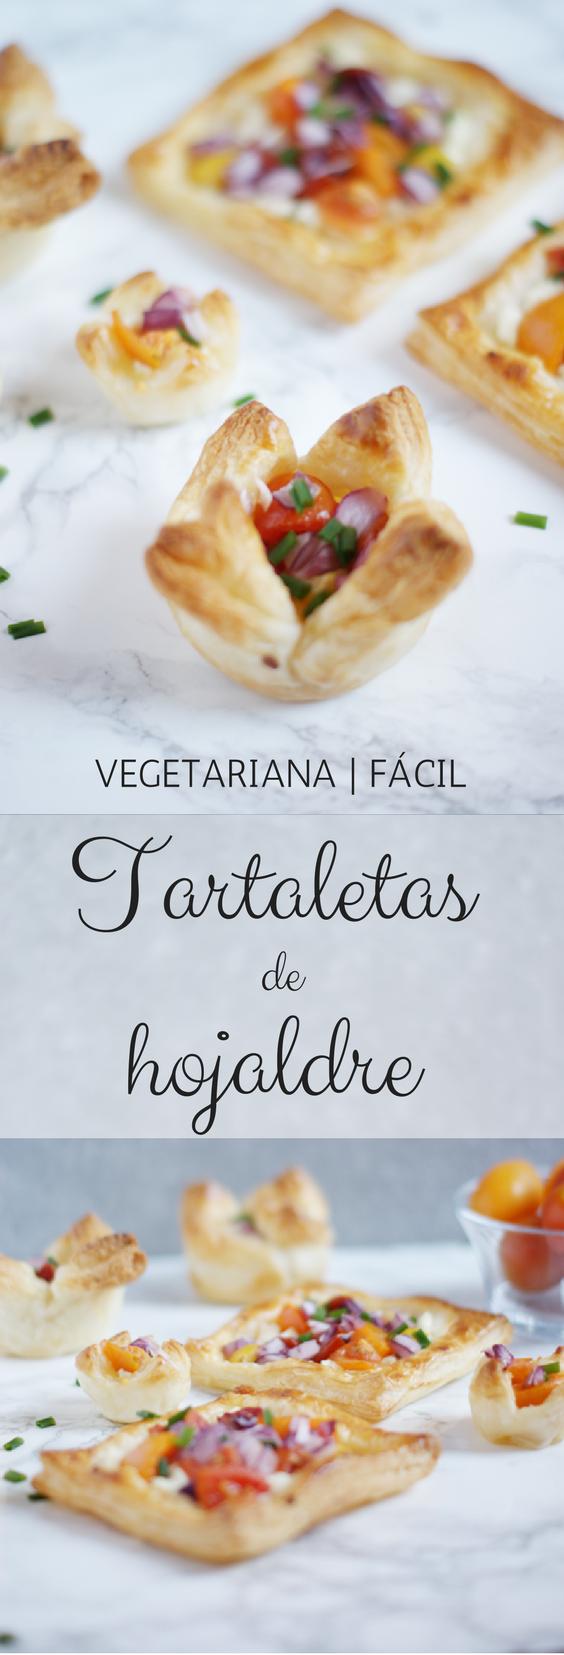 Tartaletas de hojaldre vegetariana y fáciles de preparar - Receta de brunch